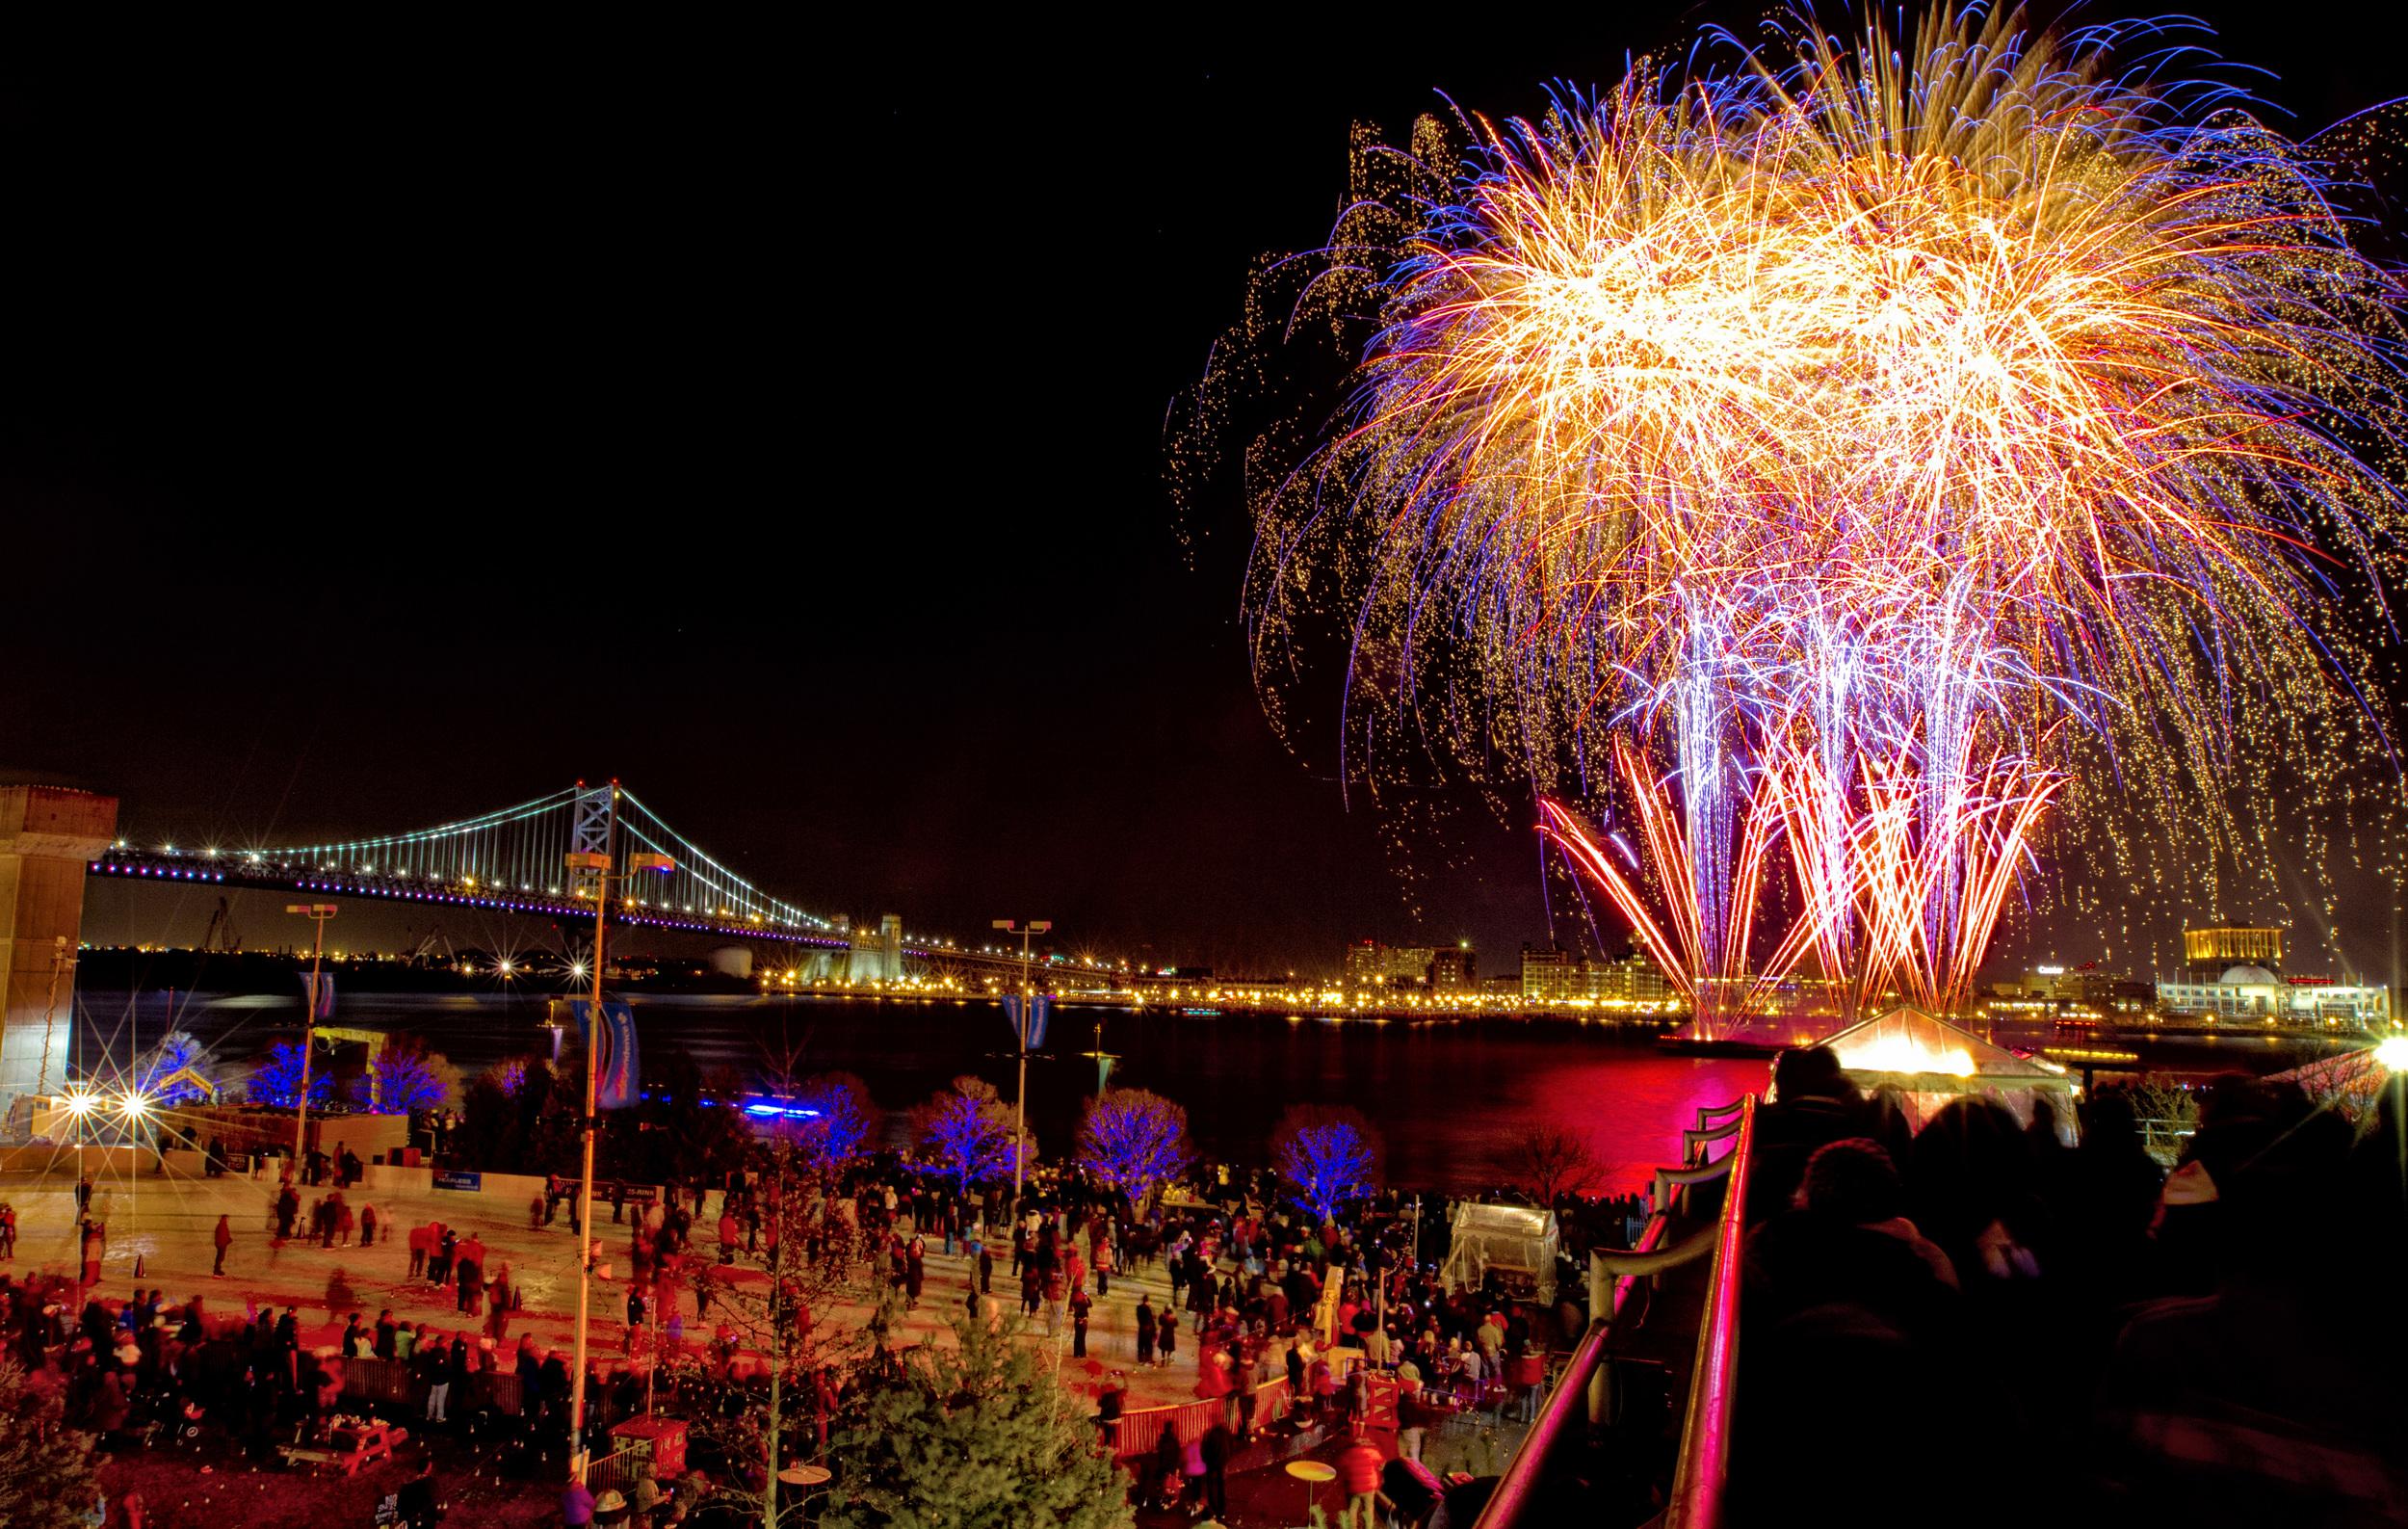 Mitchell Leff_Fireworks_001.jpg